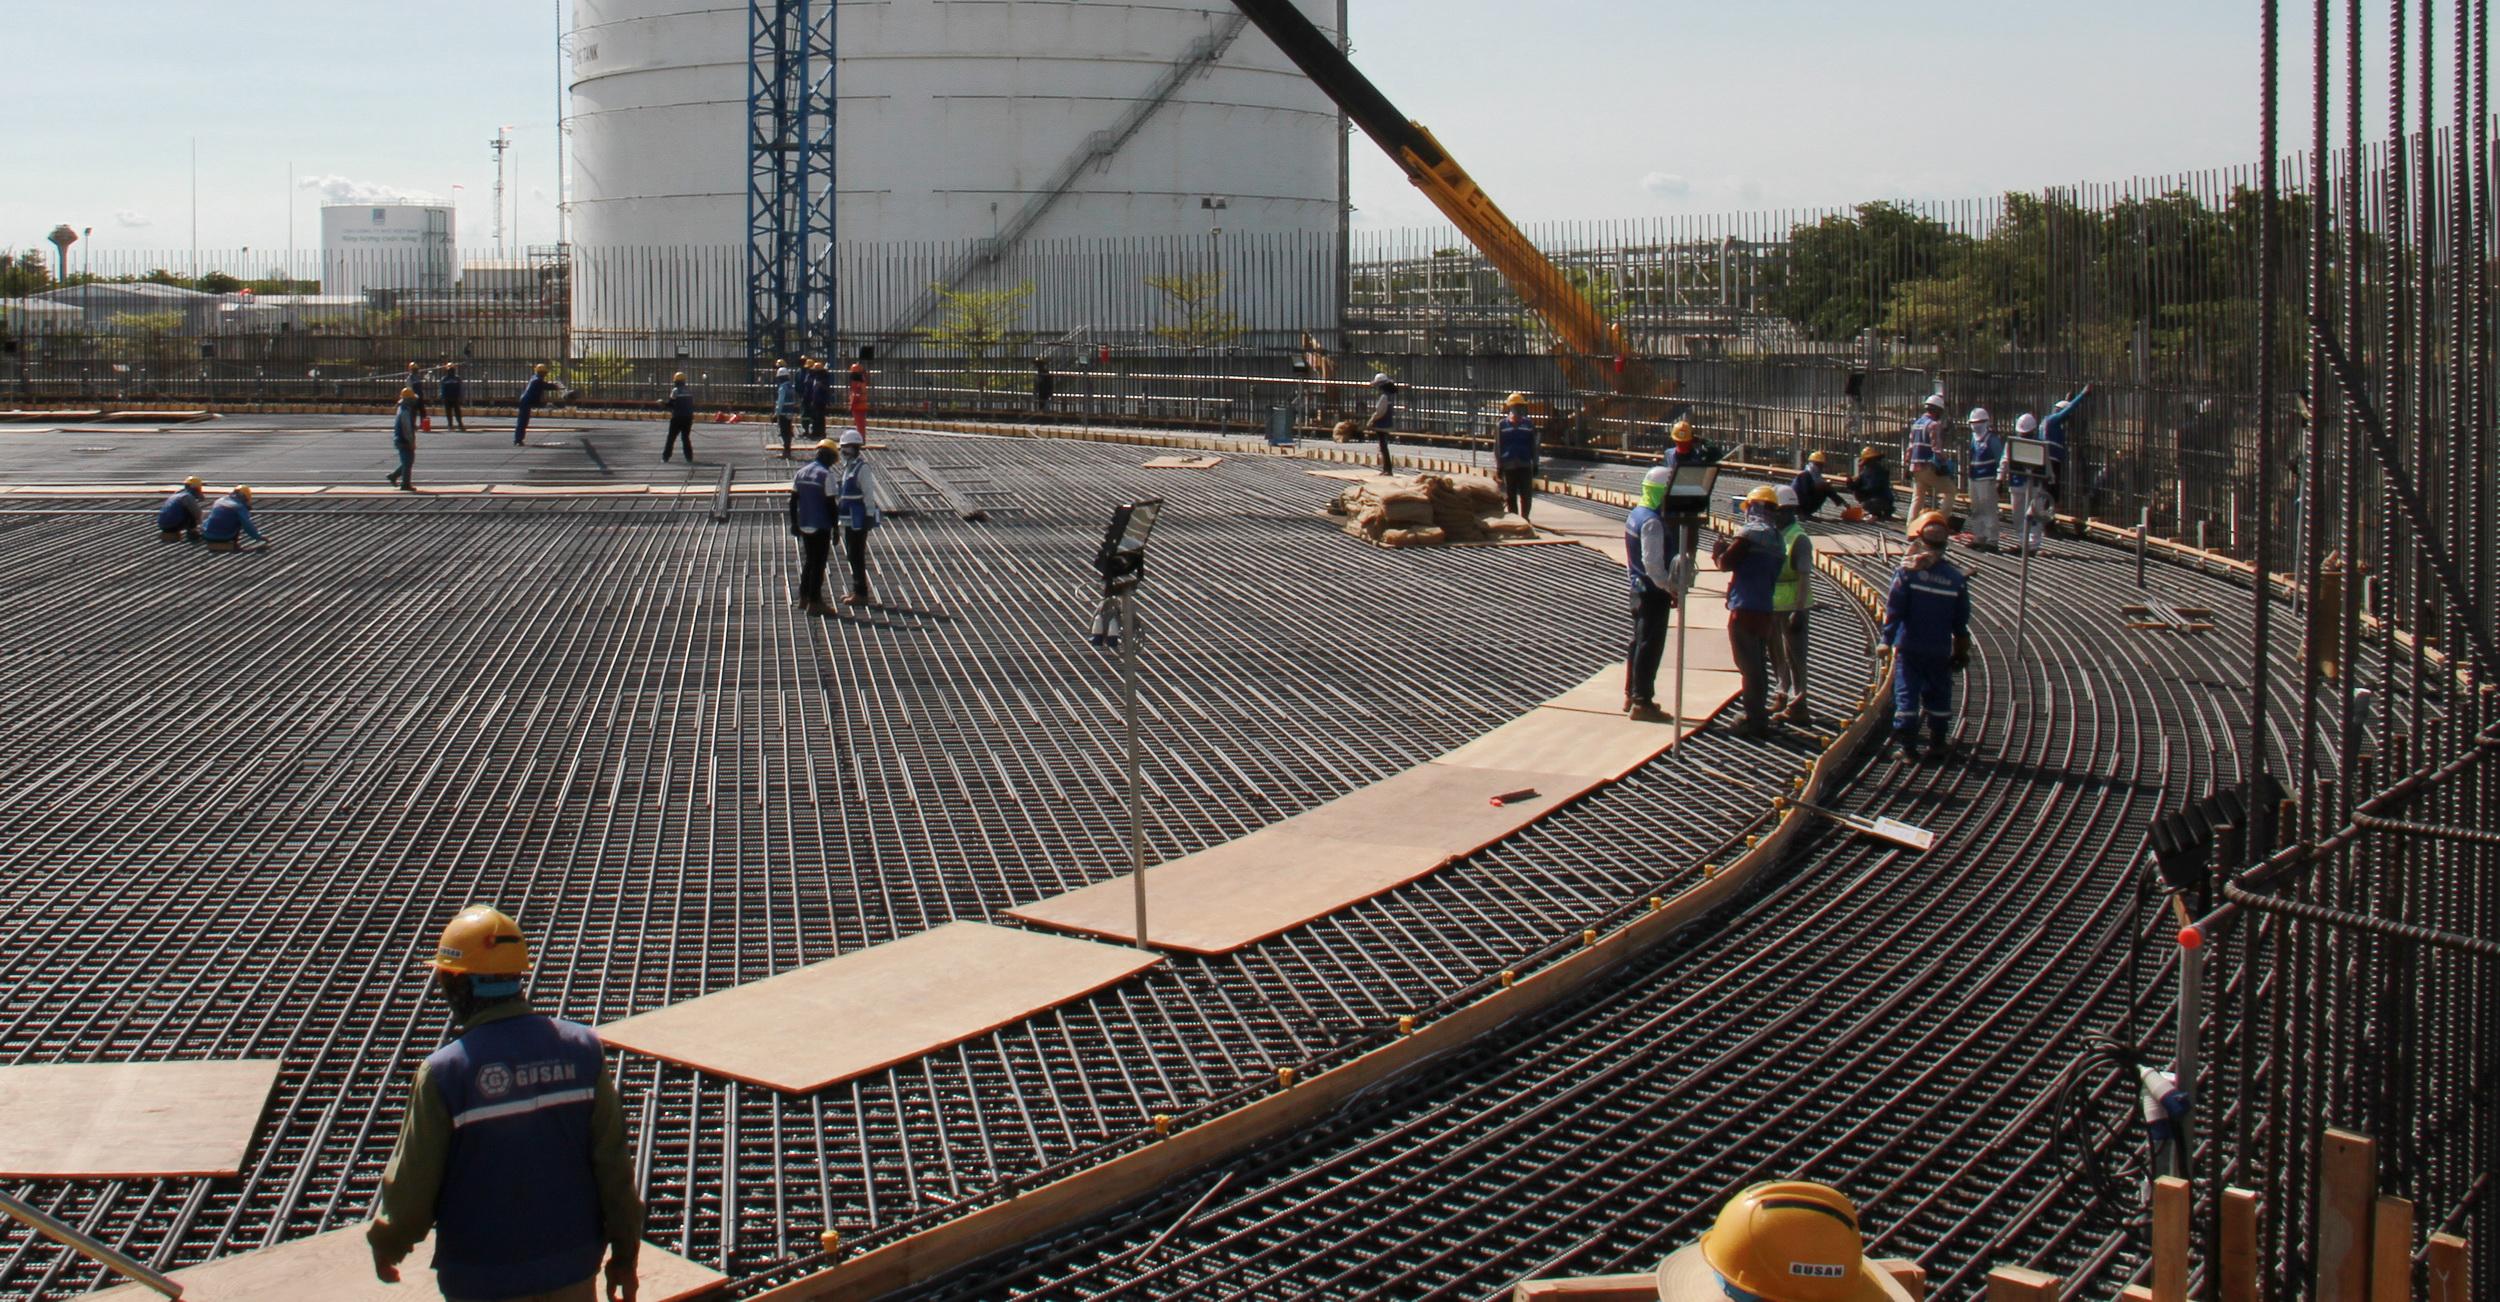 Một góc bồn chứa 1 triệu tấn LNG Thị Vải đang thi công xây dựng